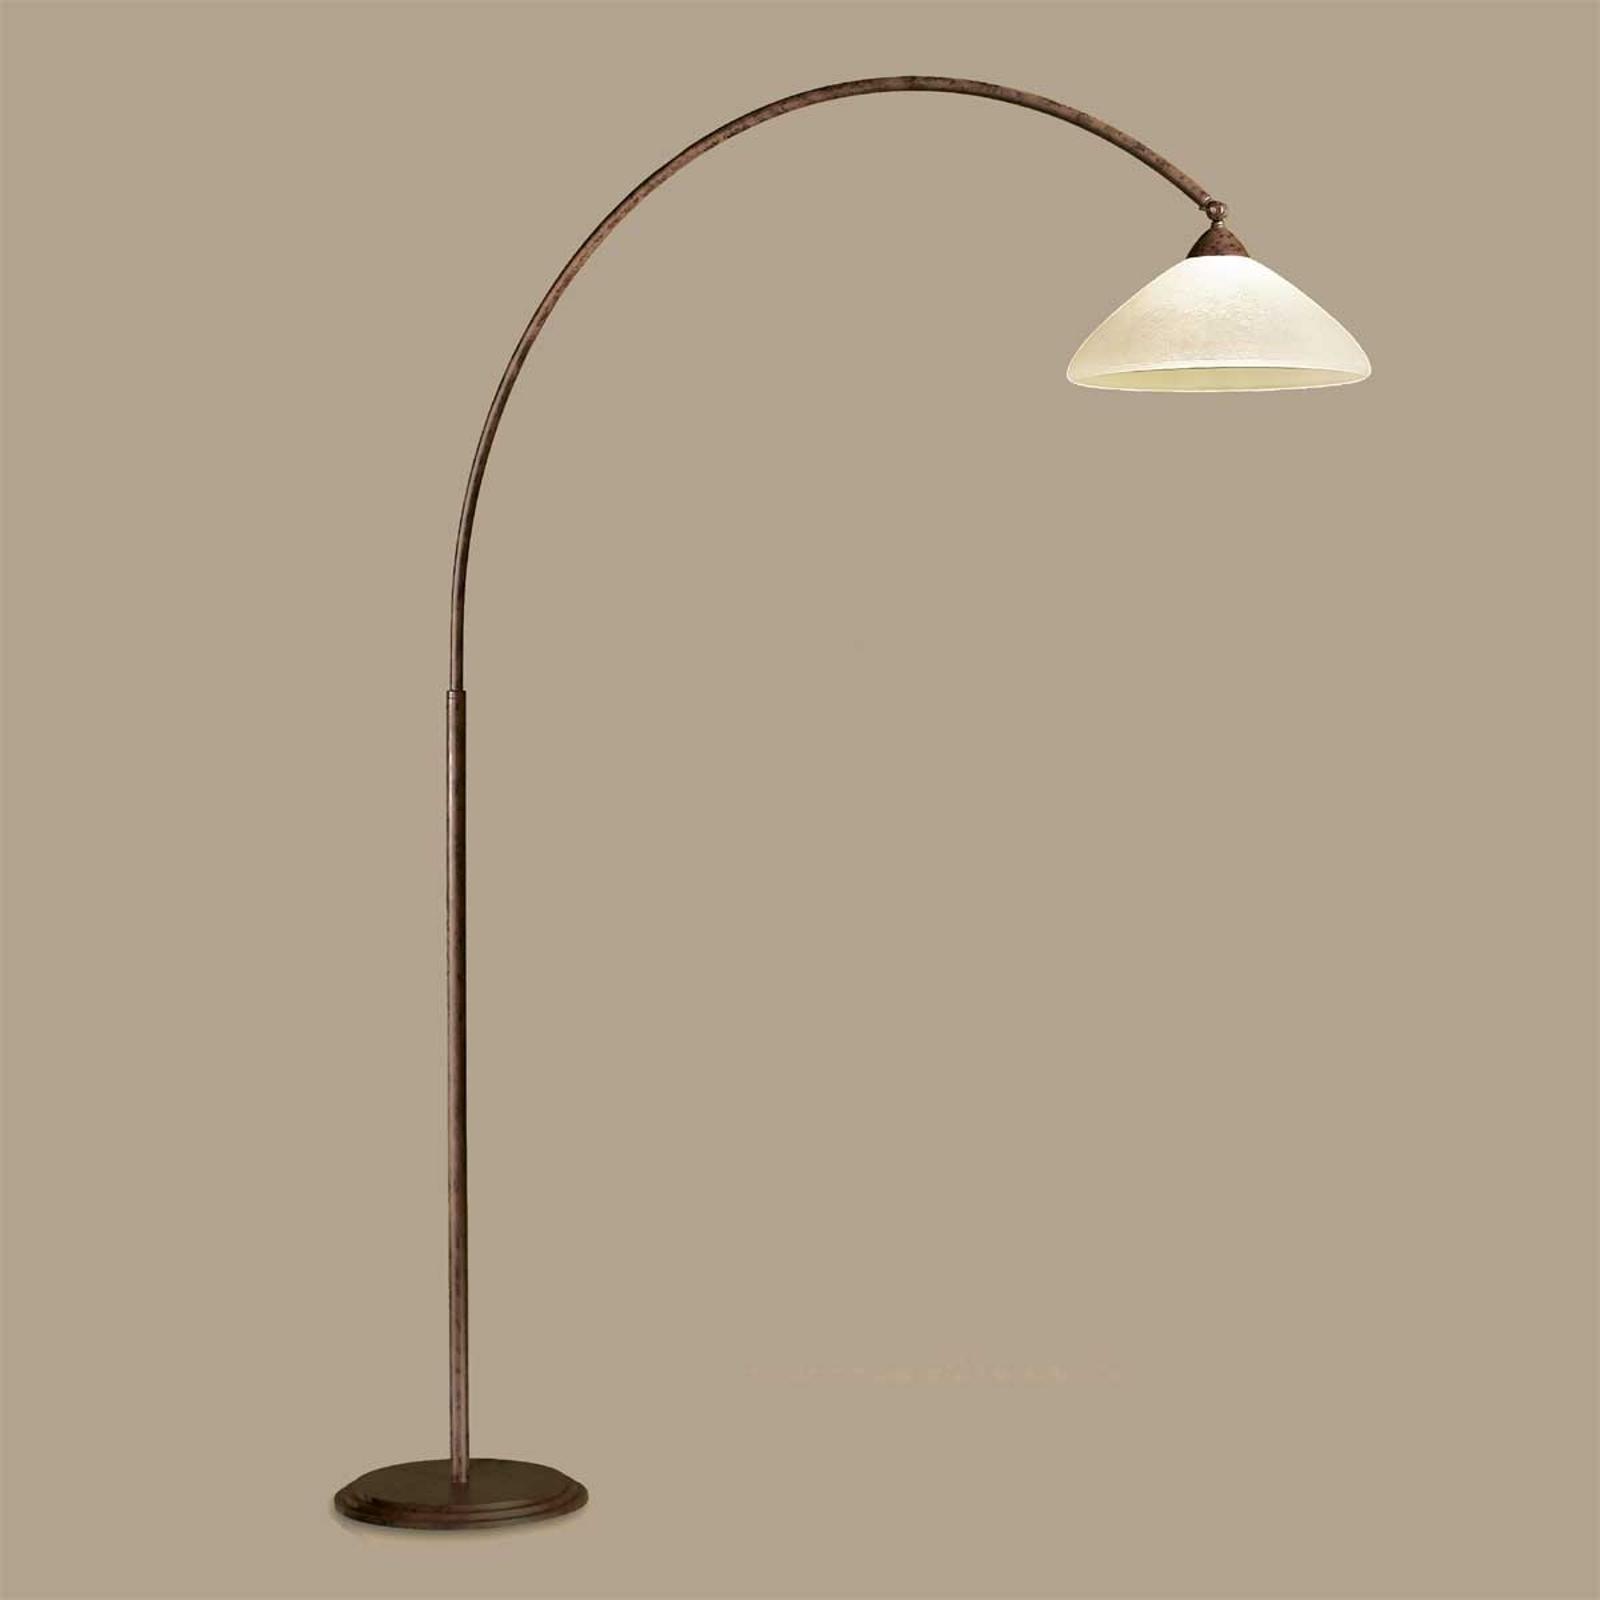 Lampa łukowa Samuele, rozpiętość 165cm, scavo-brąz